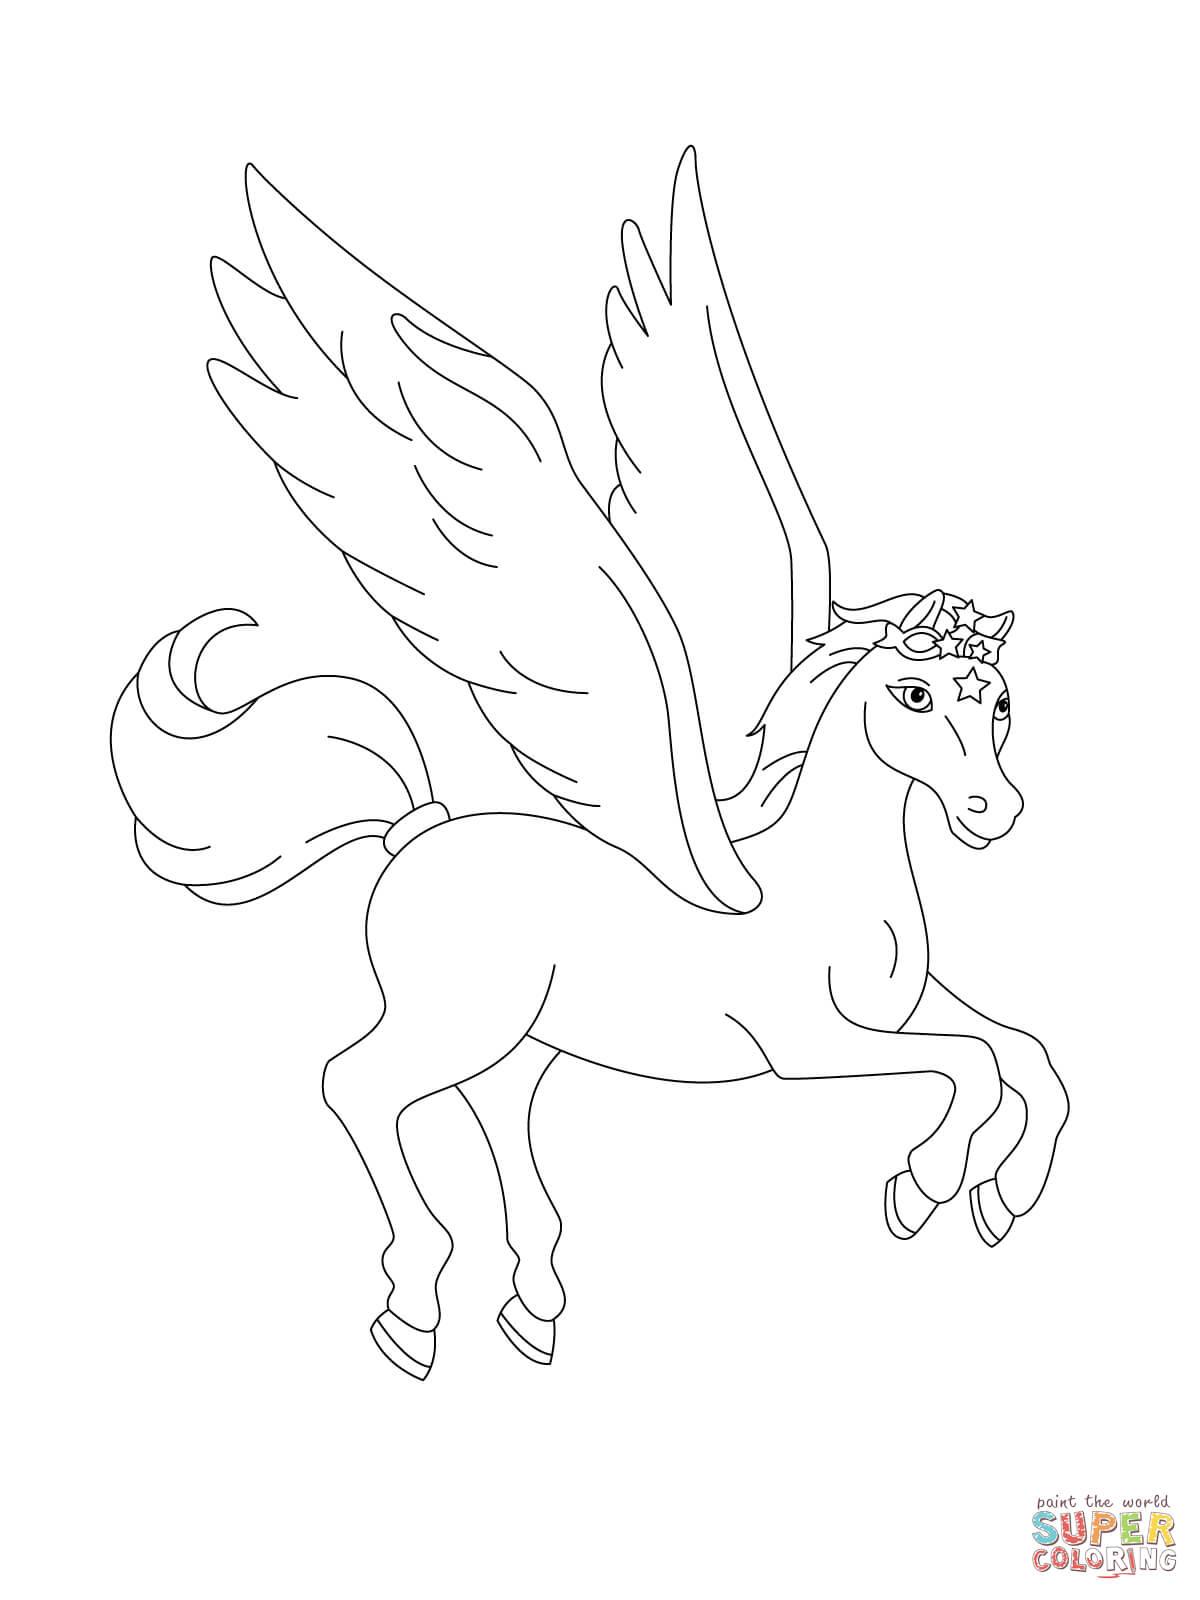 Ausmalbild: Fliegender Pegasus | Ausmalbilder Kostenlos Zum über Pegasus Ausmalbilder Zum Ausdrucken